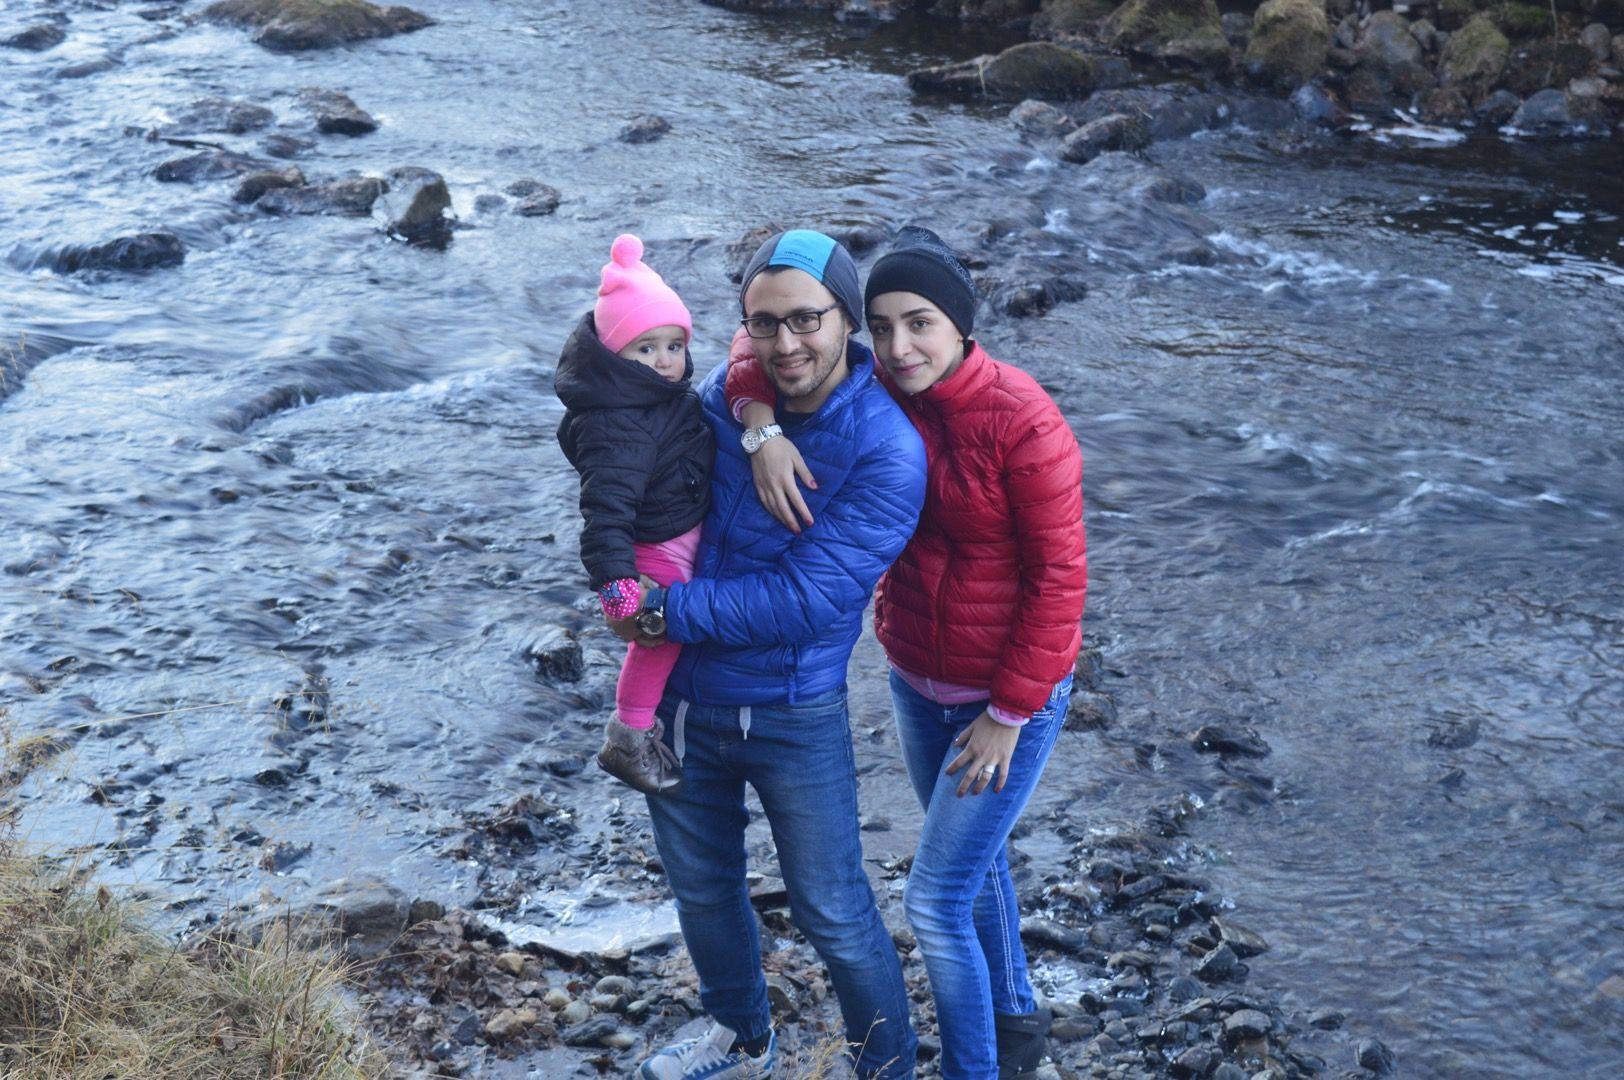 FLYKTET TIL BERGEN: Det var bare meg, min kone og vår datter. Da vi sto og så på vanndråpene som kom ned fra himmelen, begynte et nytt kapittel i livet vårt, skriver Sam Ghali.